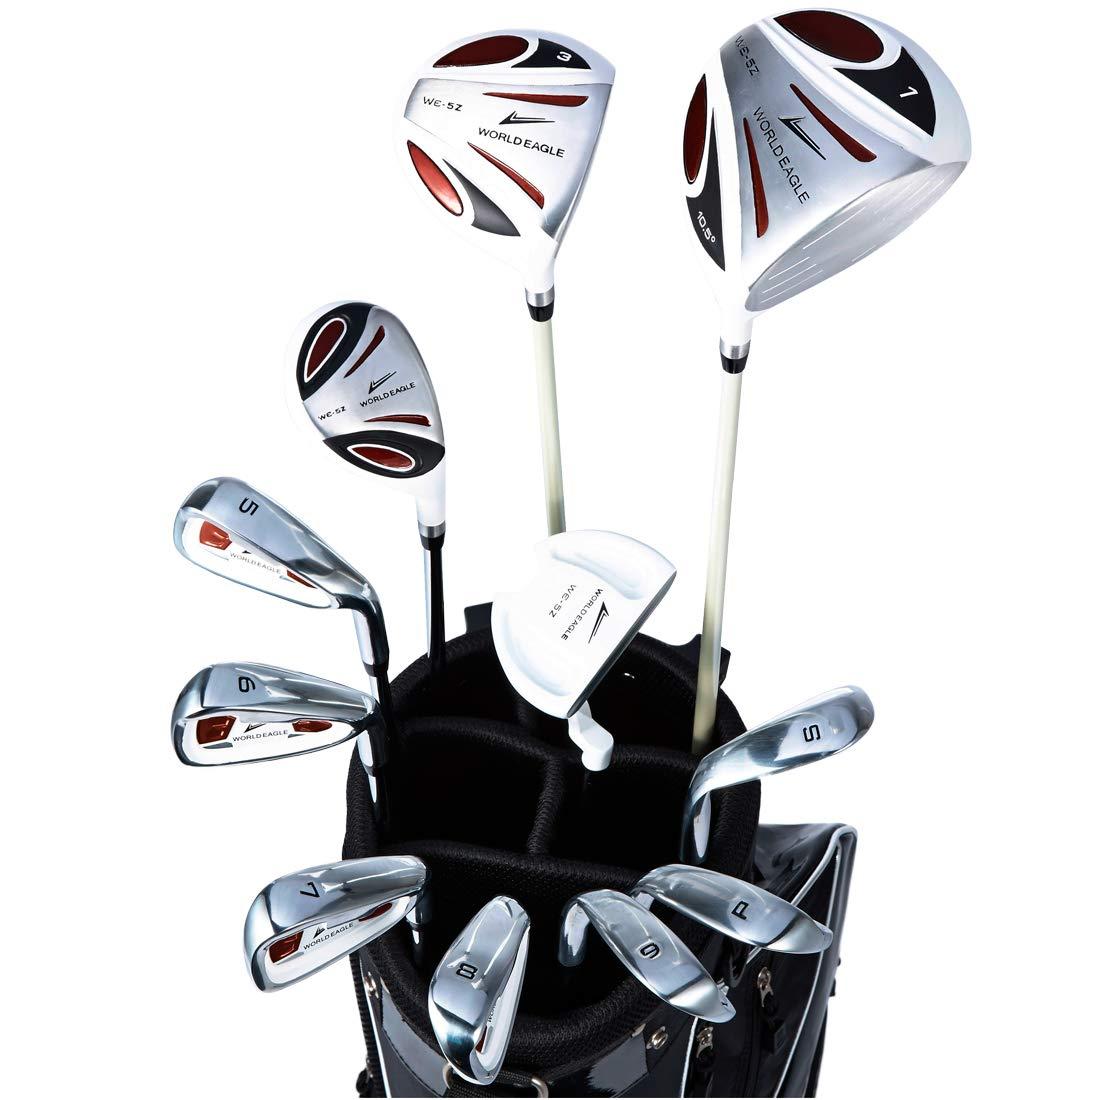 ワールドイーグル5Z 右用 B07JVRHNF7 メンズ ゴルフ クラブ フルセット ゴルフ ホワイト FブラックバッグーKS-Ver. 右用 WE-5Z-WH-FBK-KS フレックスR B07JVRHNF7, Dクリエイツショップ:1e927bc3 --- cooleycoastrun.com